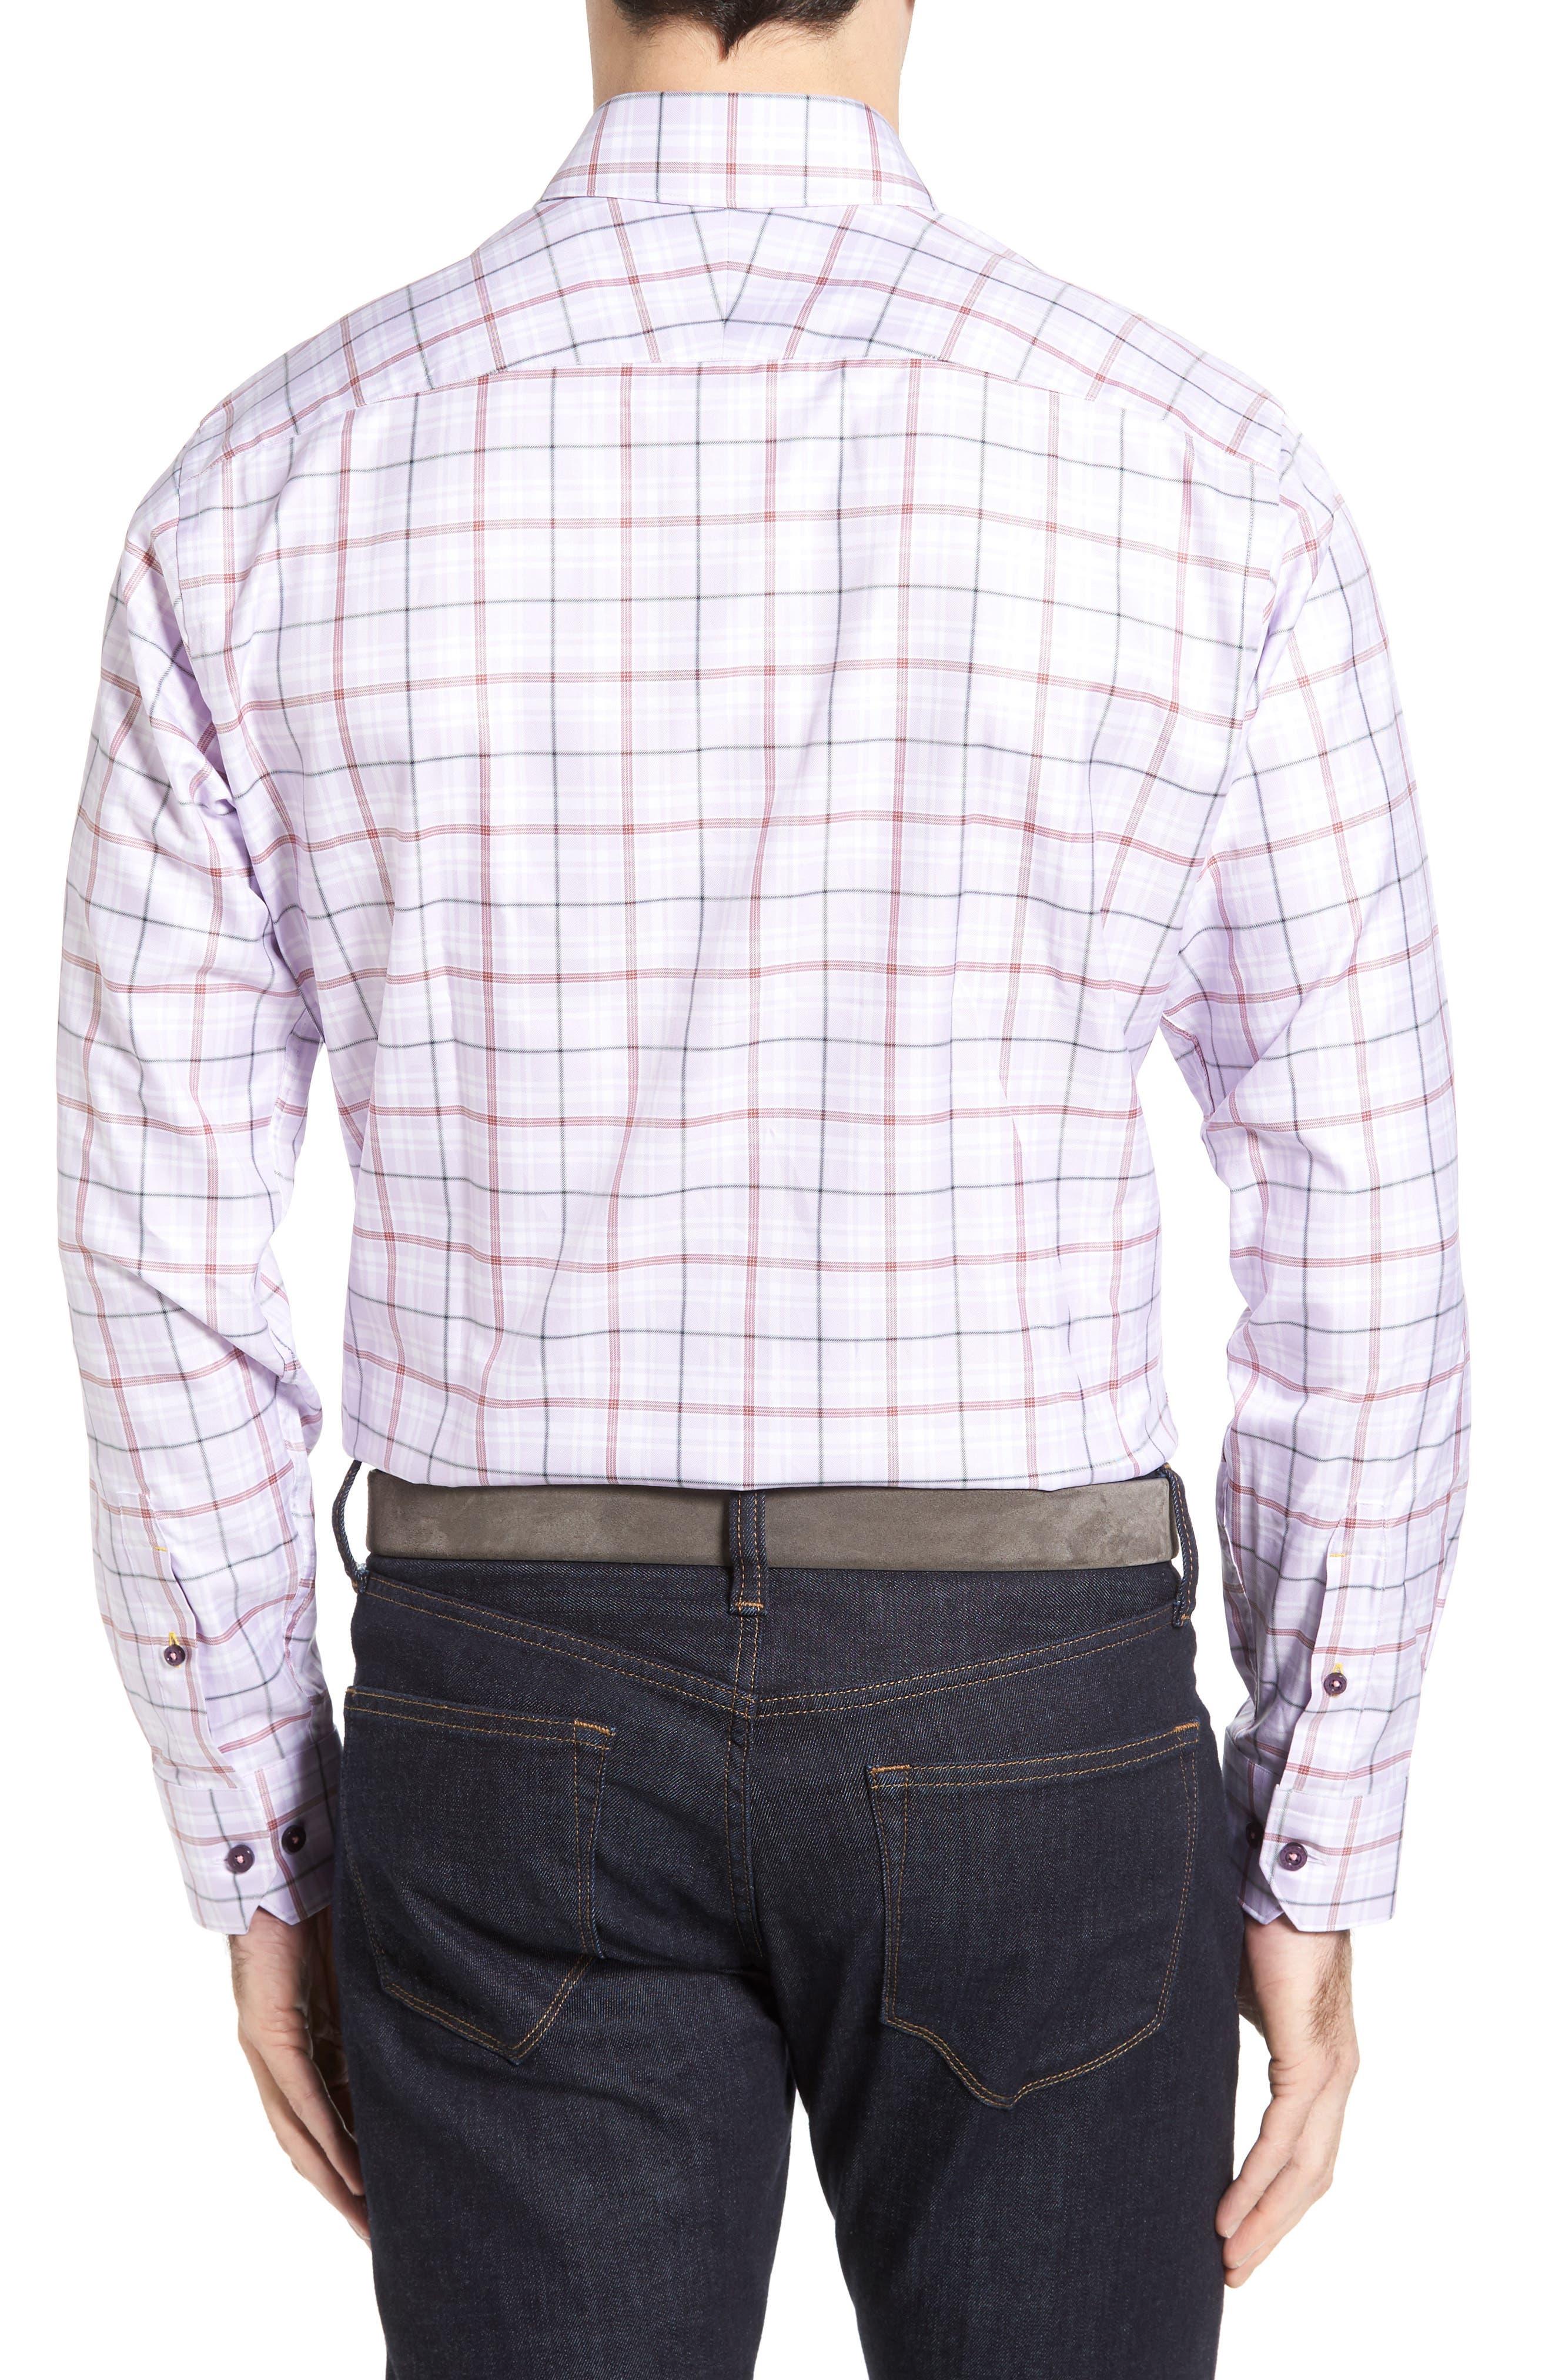 Alternate Image 2  - Robert Talbott Crespi IV Tailored Fit Sport Shirt